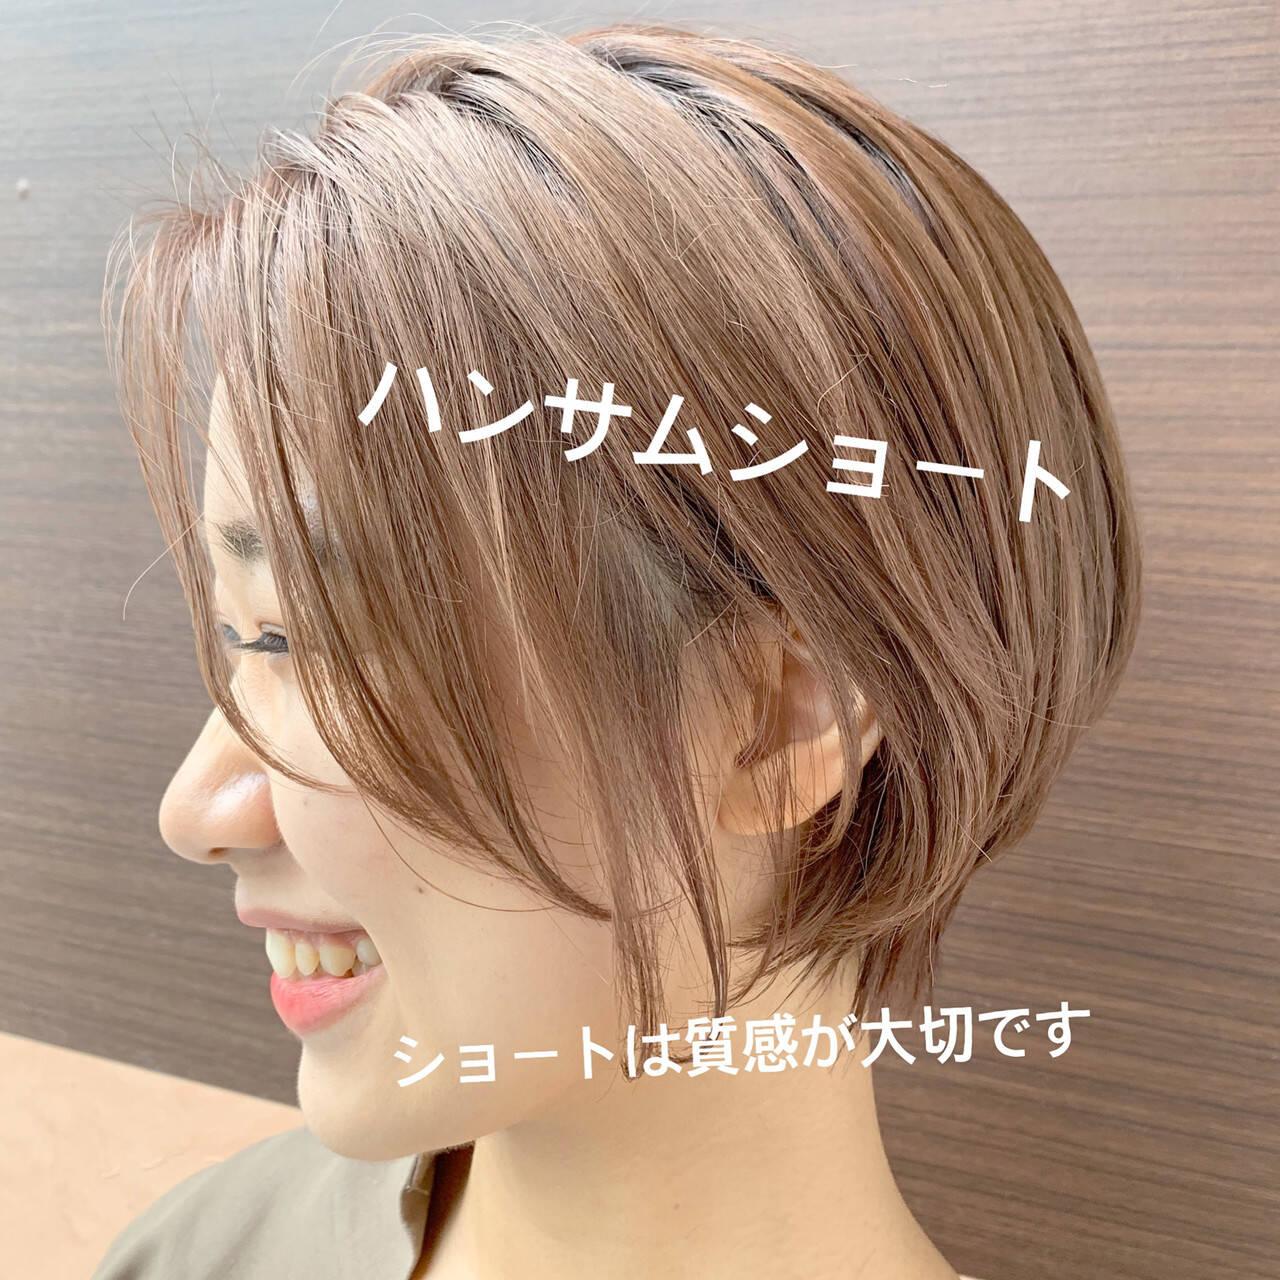 ショート 小顔ショート ショートボブ ショートヘアヘアスタイルや髪型の写真・画像